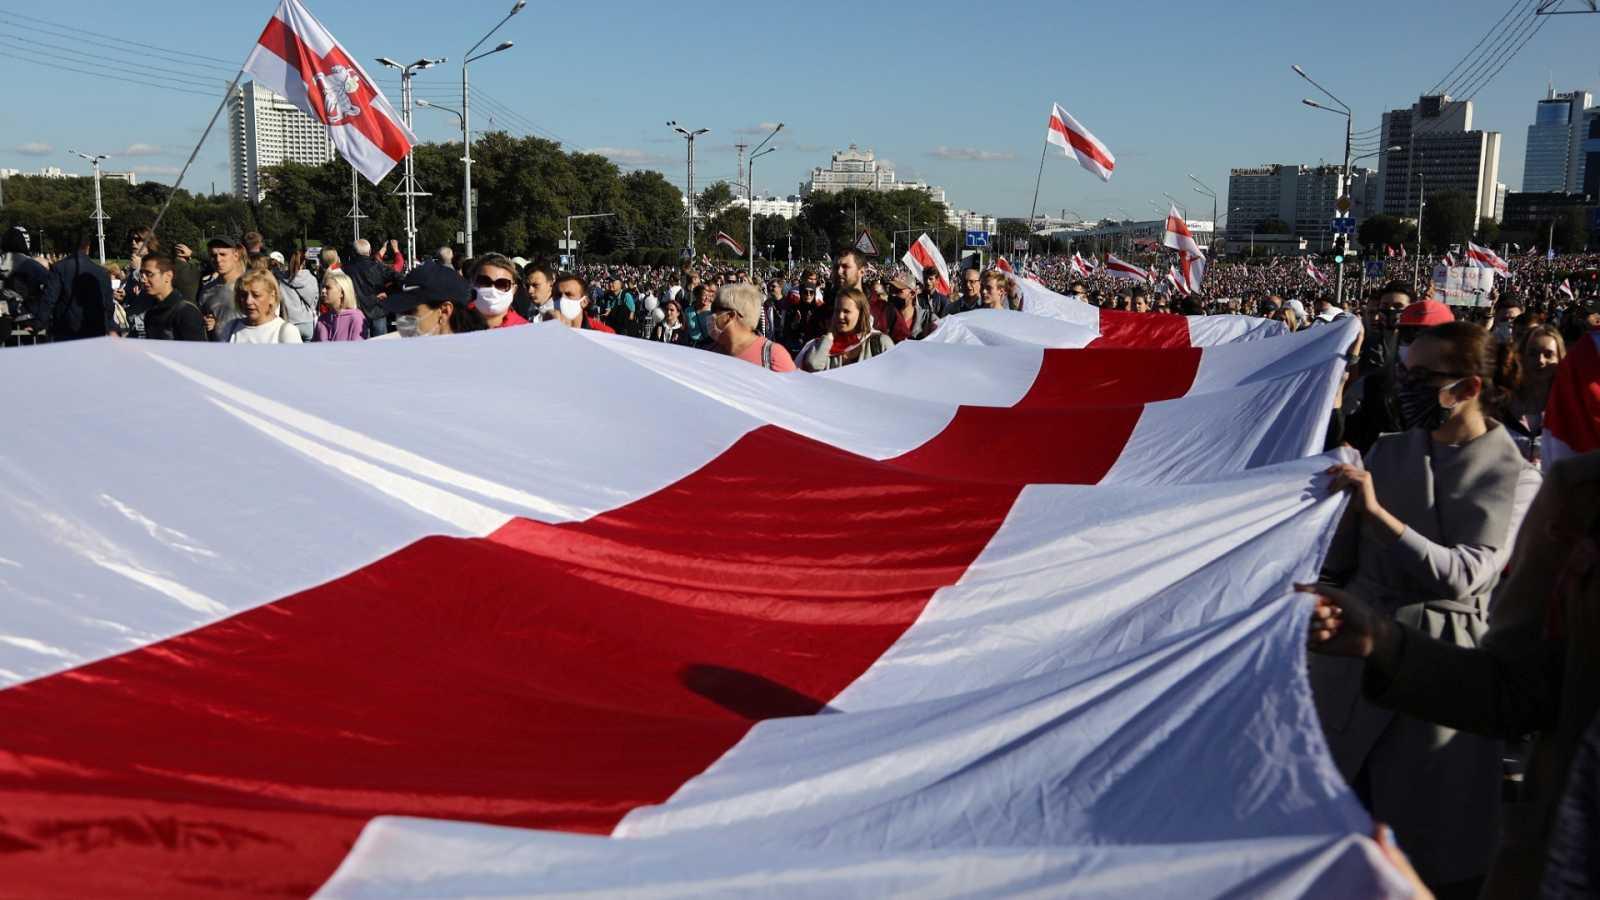 Partidarios de la oposición se manifiestan en Minsk con una gigantesca bandera de Bielorrusia